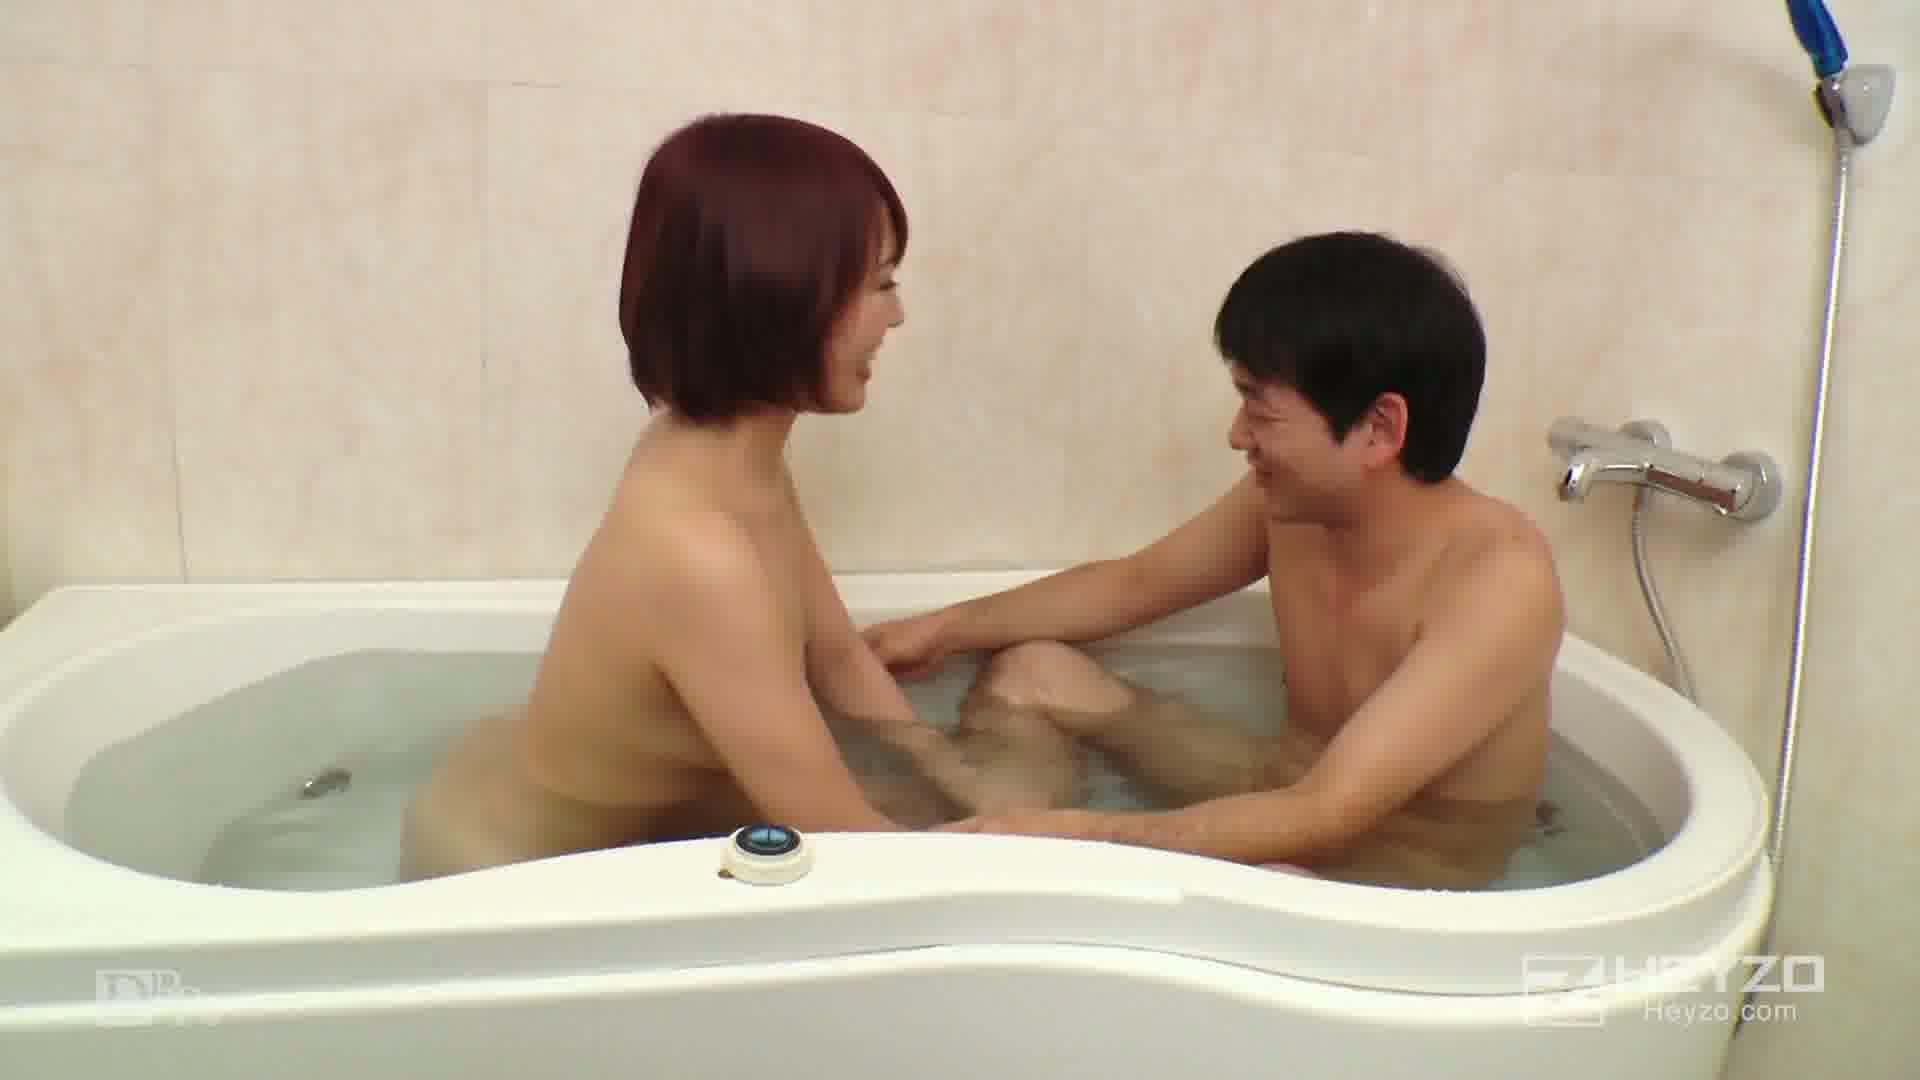 脱マンネリカップル!まったりセックスでラブアゲイン!! - 双葉みお【お風呂 口内射精】